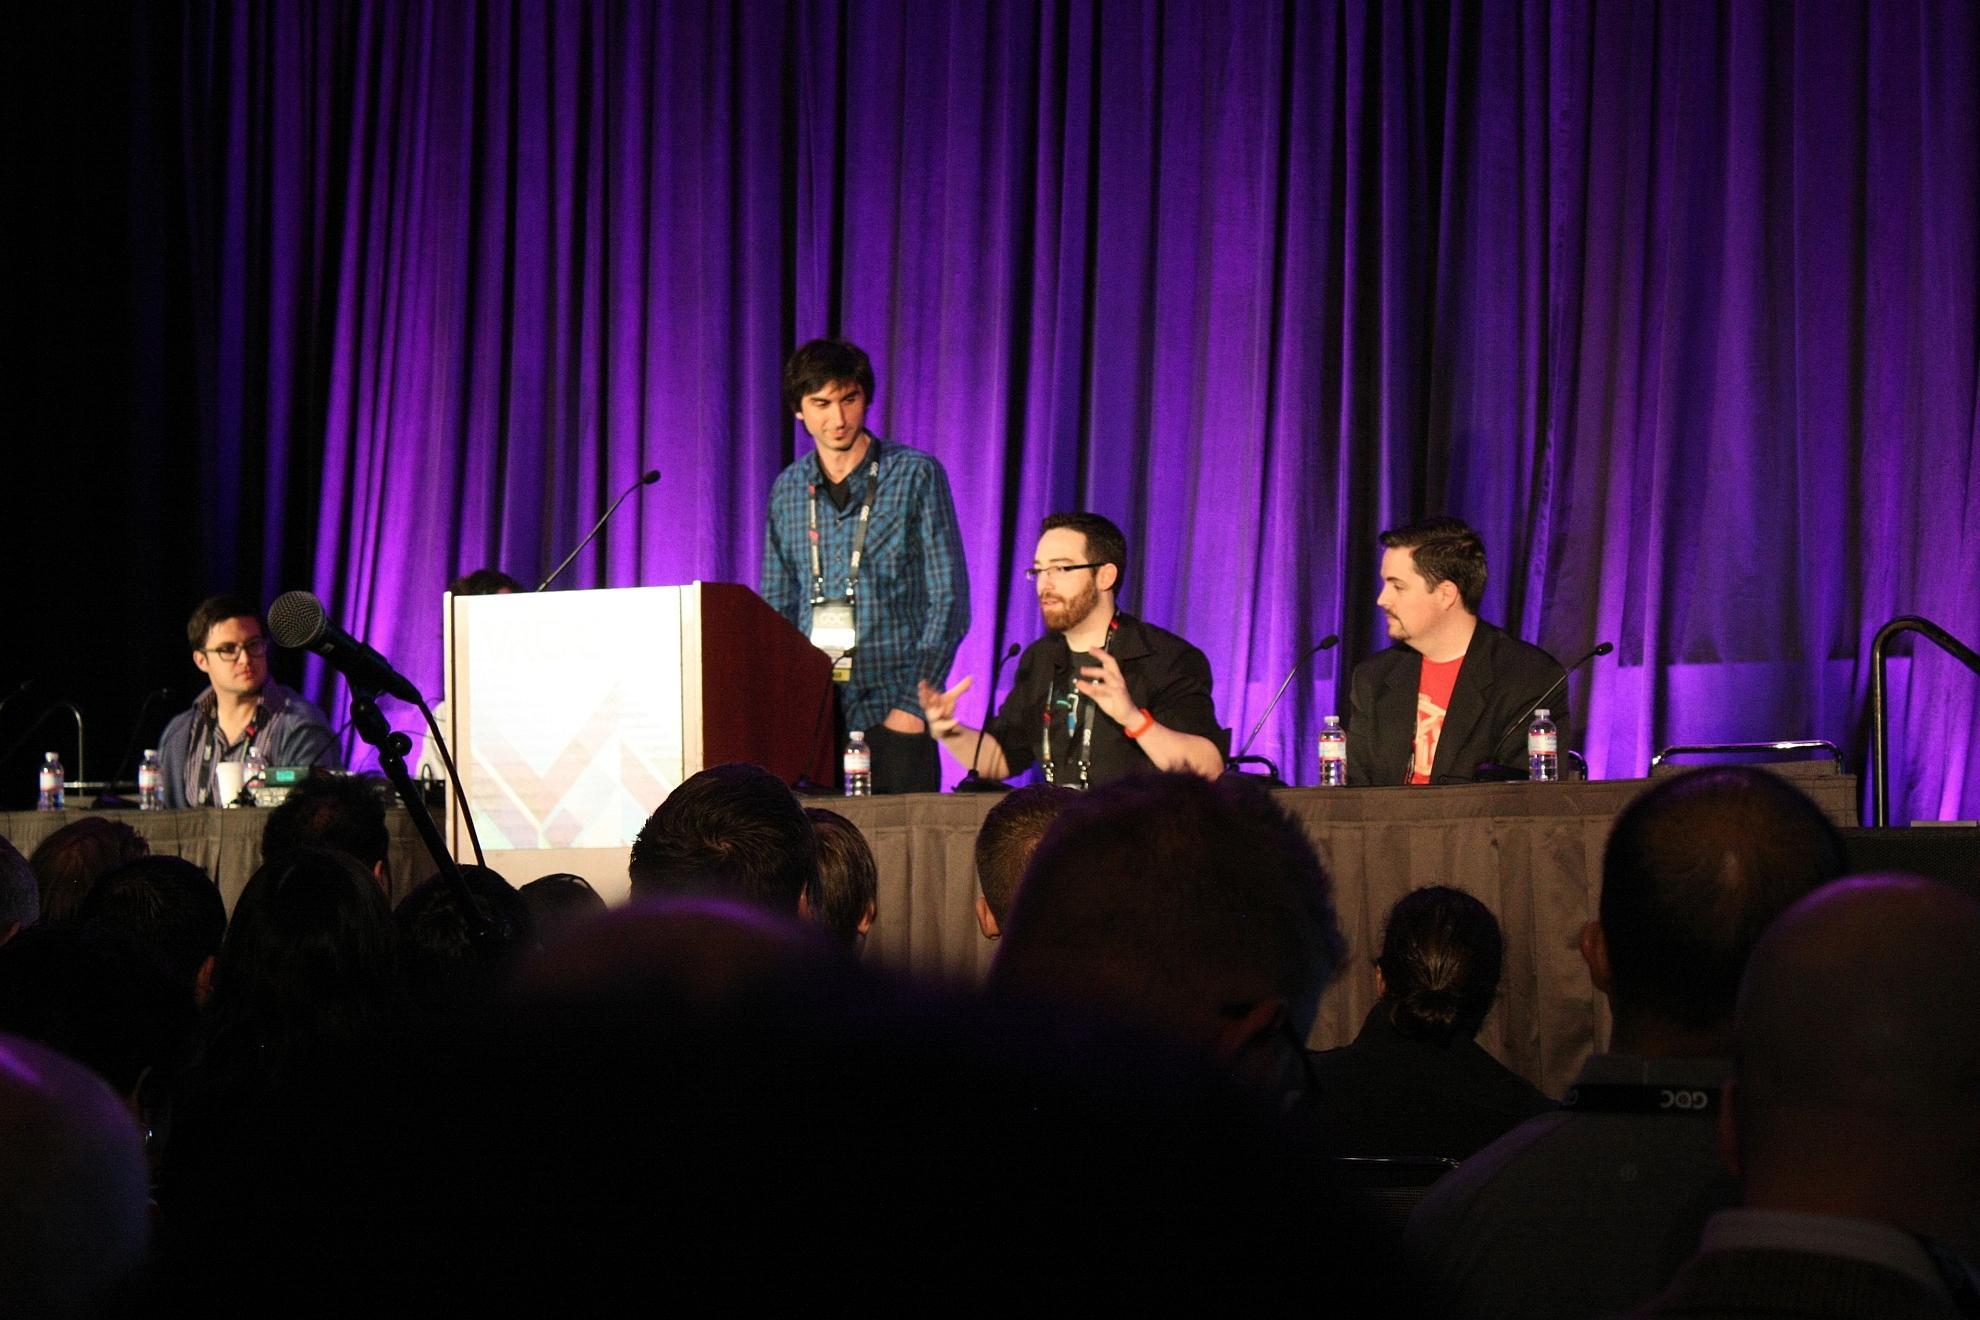 Zum Auftakt der diesjährigen Game Developers Conference tauschten sich Scott Stephan, Tyler Hurd (verdeckt), Patrick Hackett, Alex Schwarz und Curtis Hickman (v.l.n.r.) über ihre Erfahrungen mit VR-Design für das HTC Vive aus.